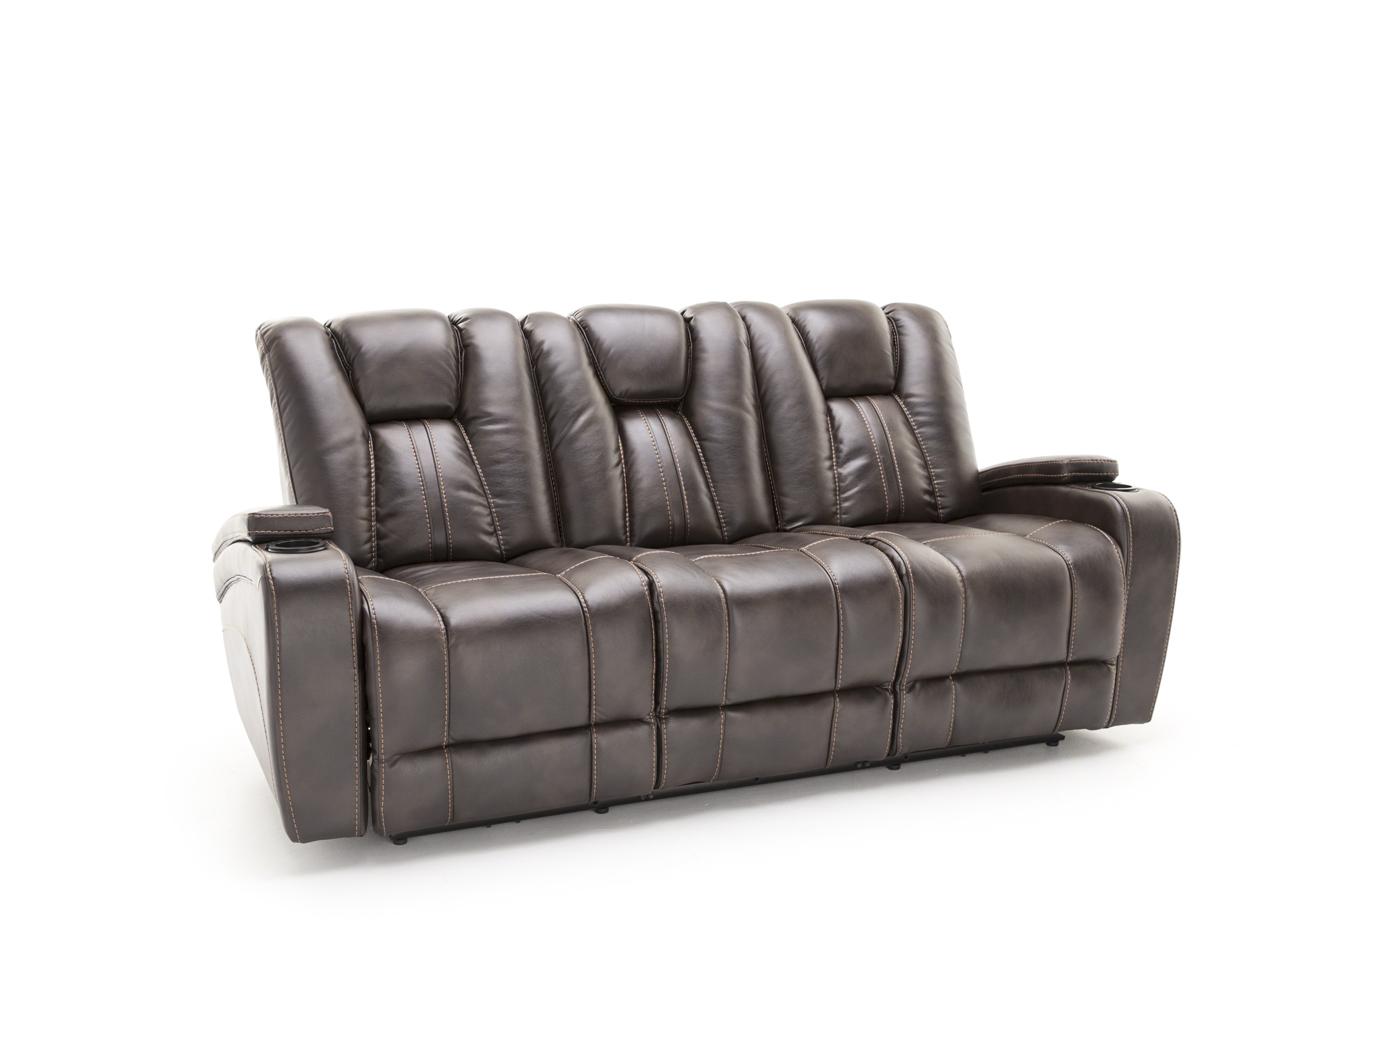 Transporter Power Recline Sofa